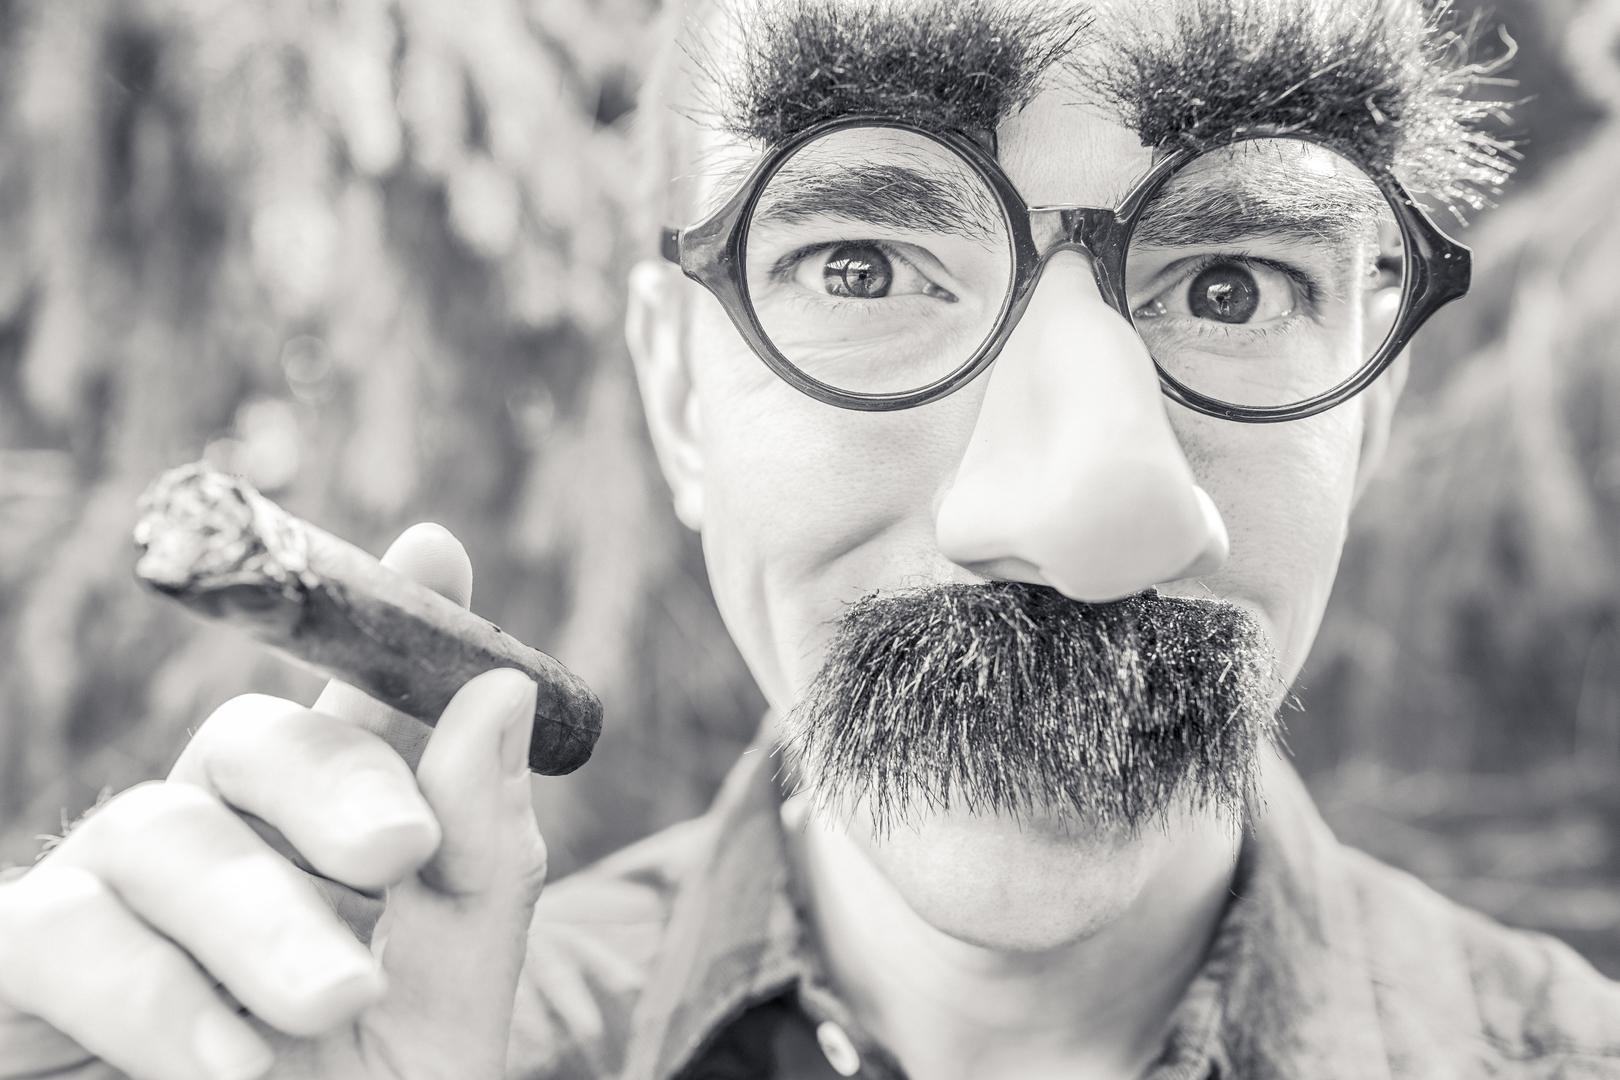 Una manera de evitar las enfermedades de visión es no fumar